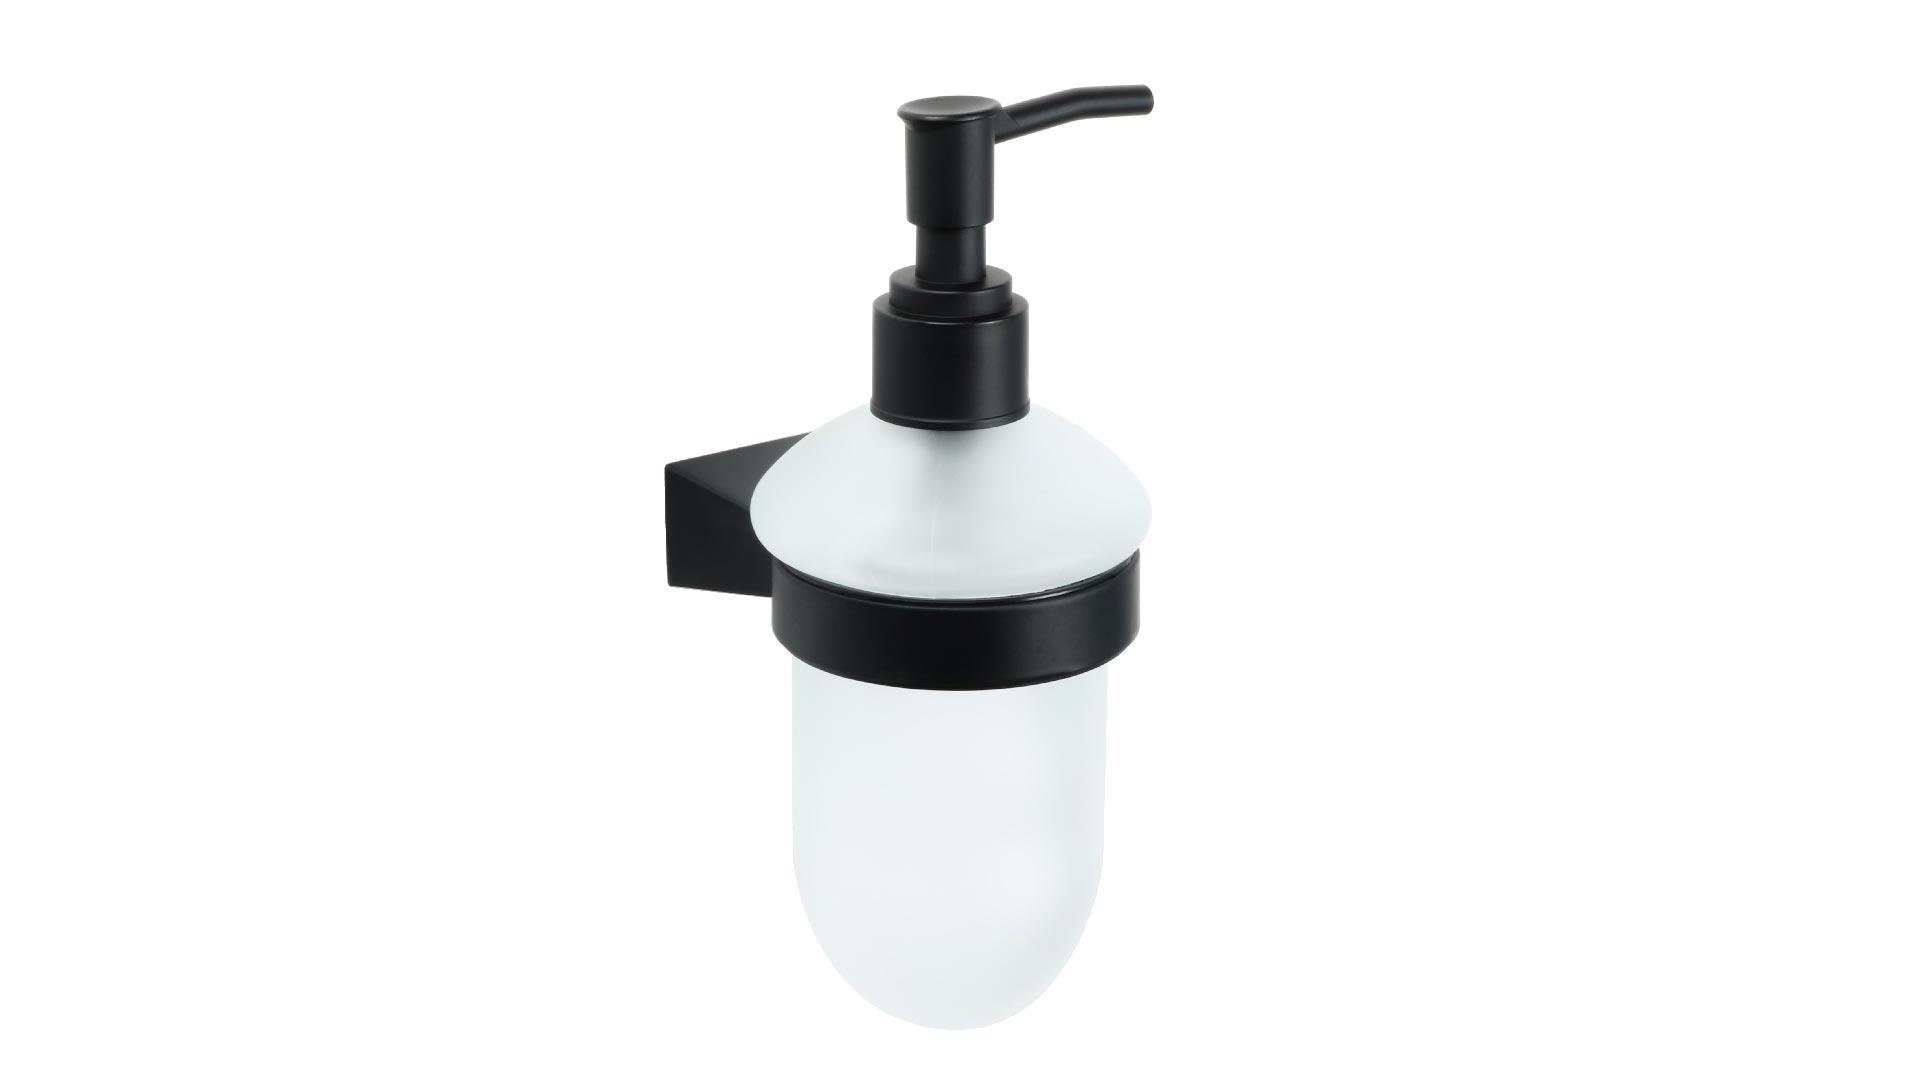 Дозатор для жидкого мыла Trend